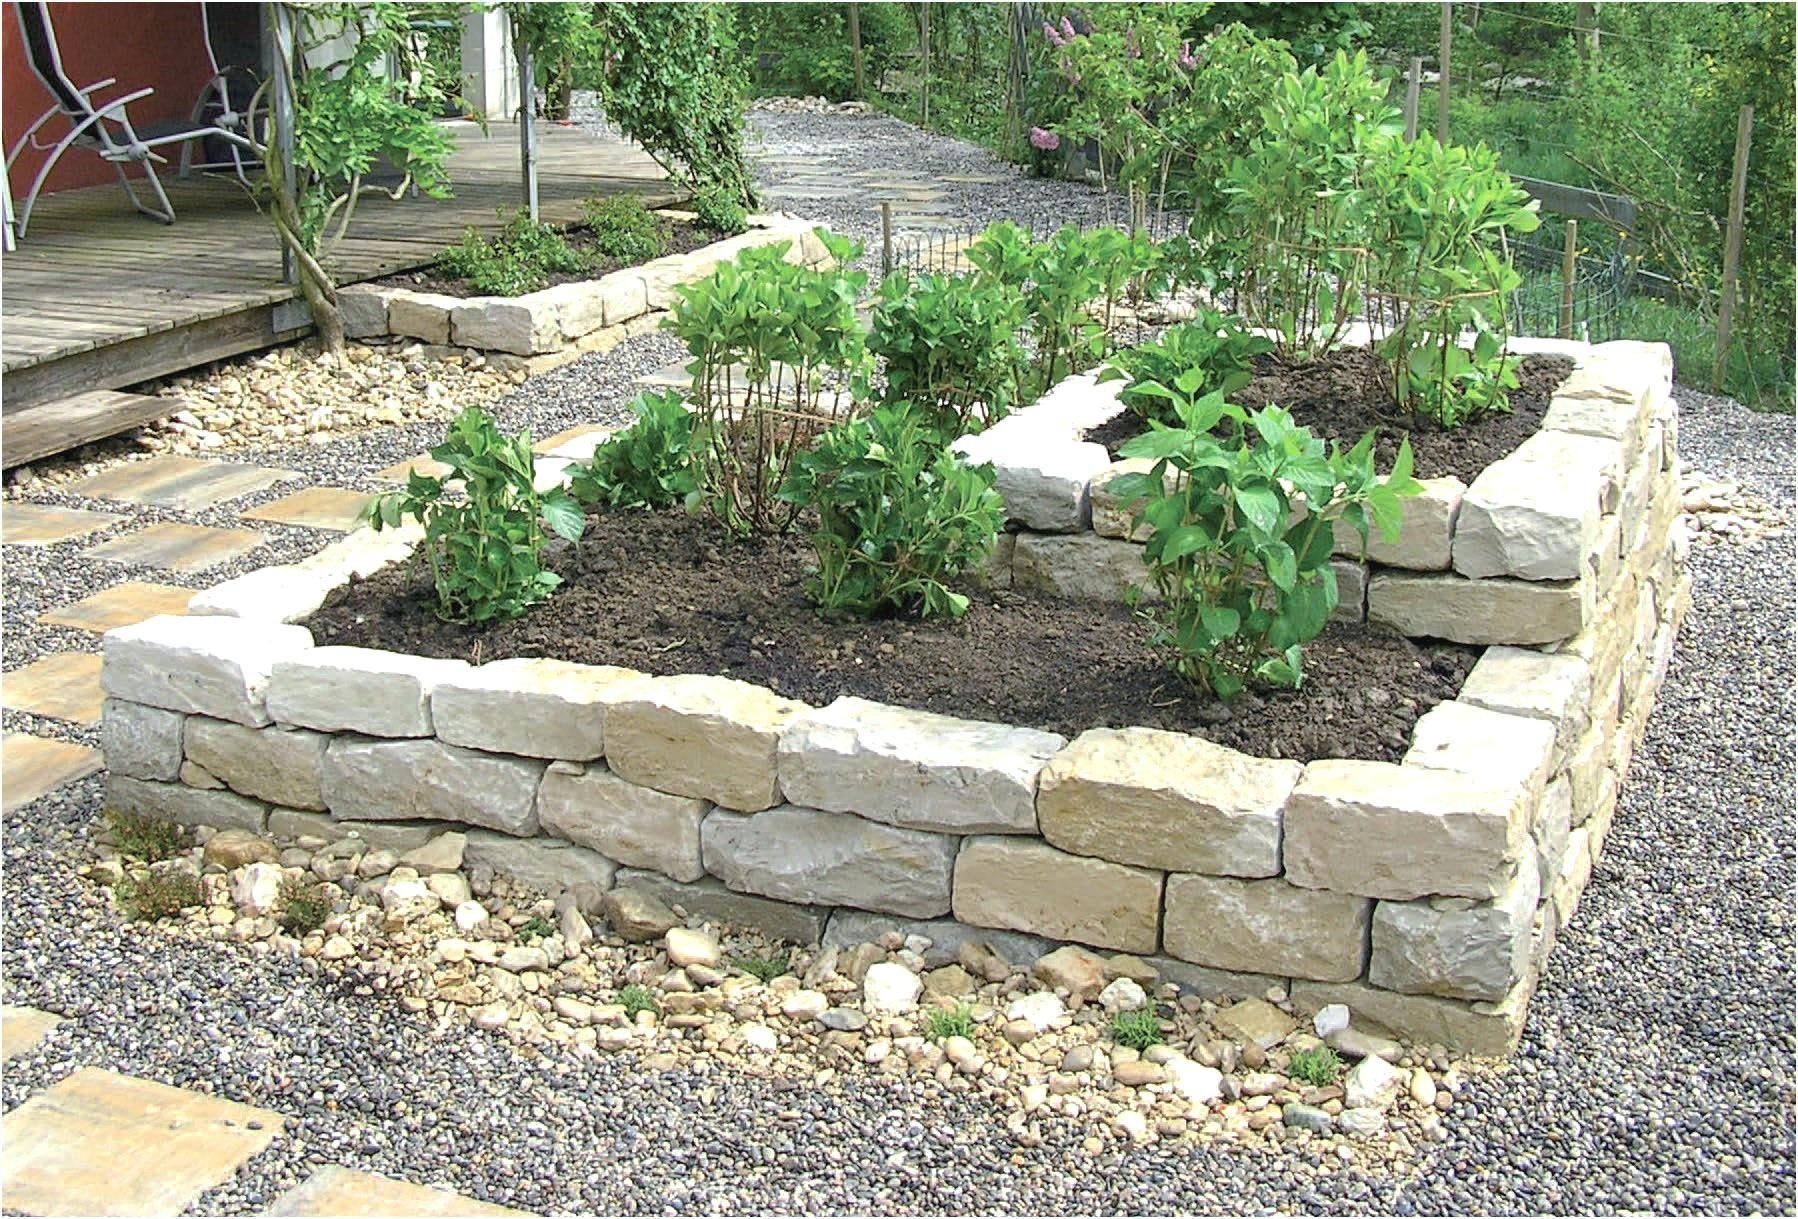 Hochbeet Ideen Luxus Selber Bauen Auf Beton Kreative Gartengestaltung Bilder Garten Hochbeet Gartengestaltung Bilder Gartengestaltung Hochbeet